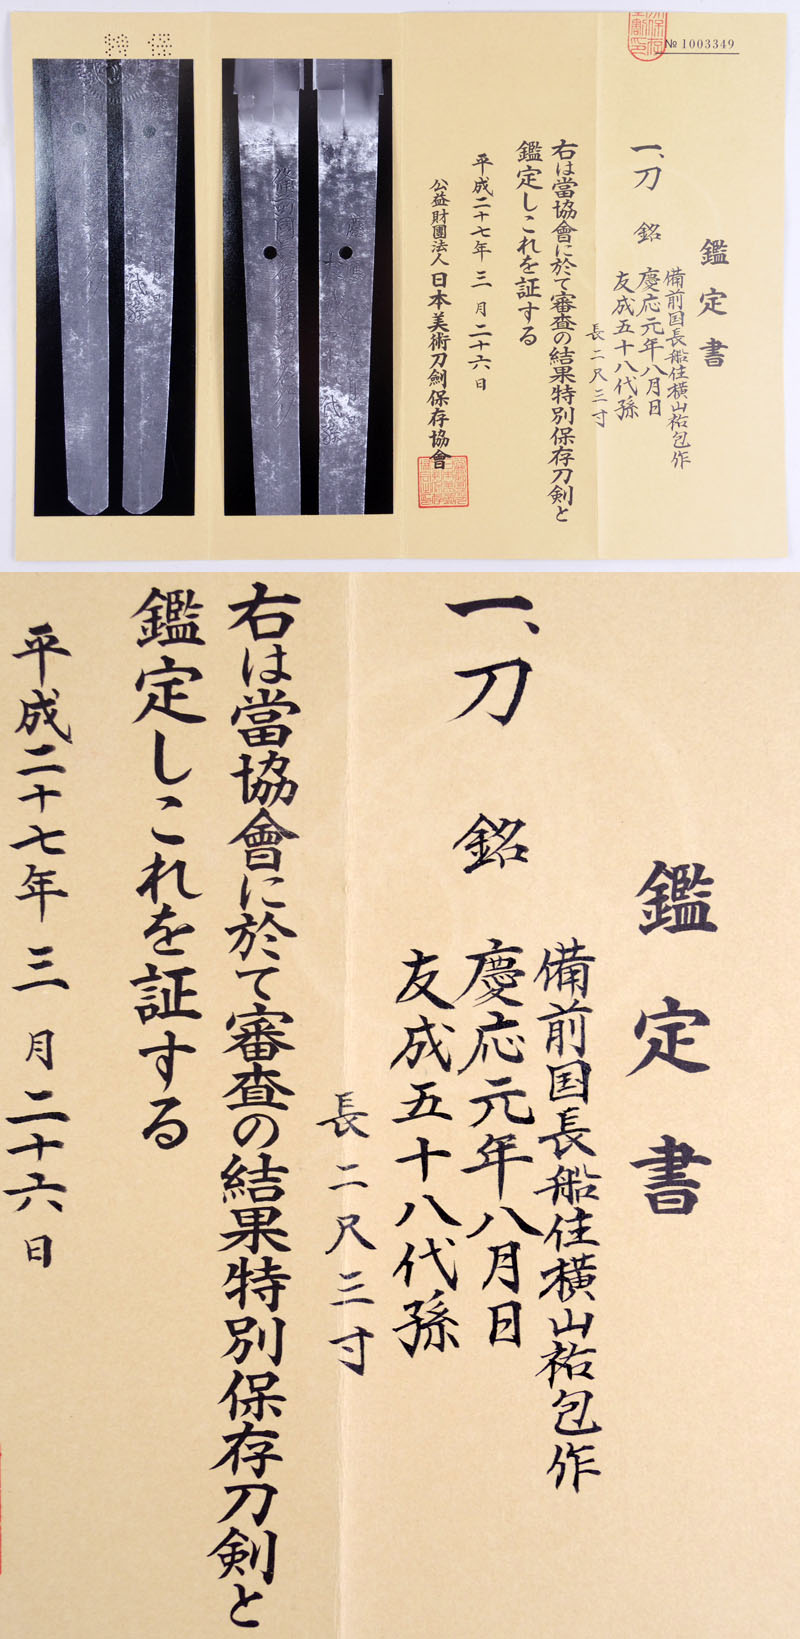 備前国長船住横山祐包作 Picture of Certificate